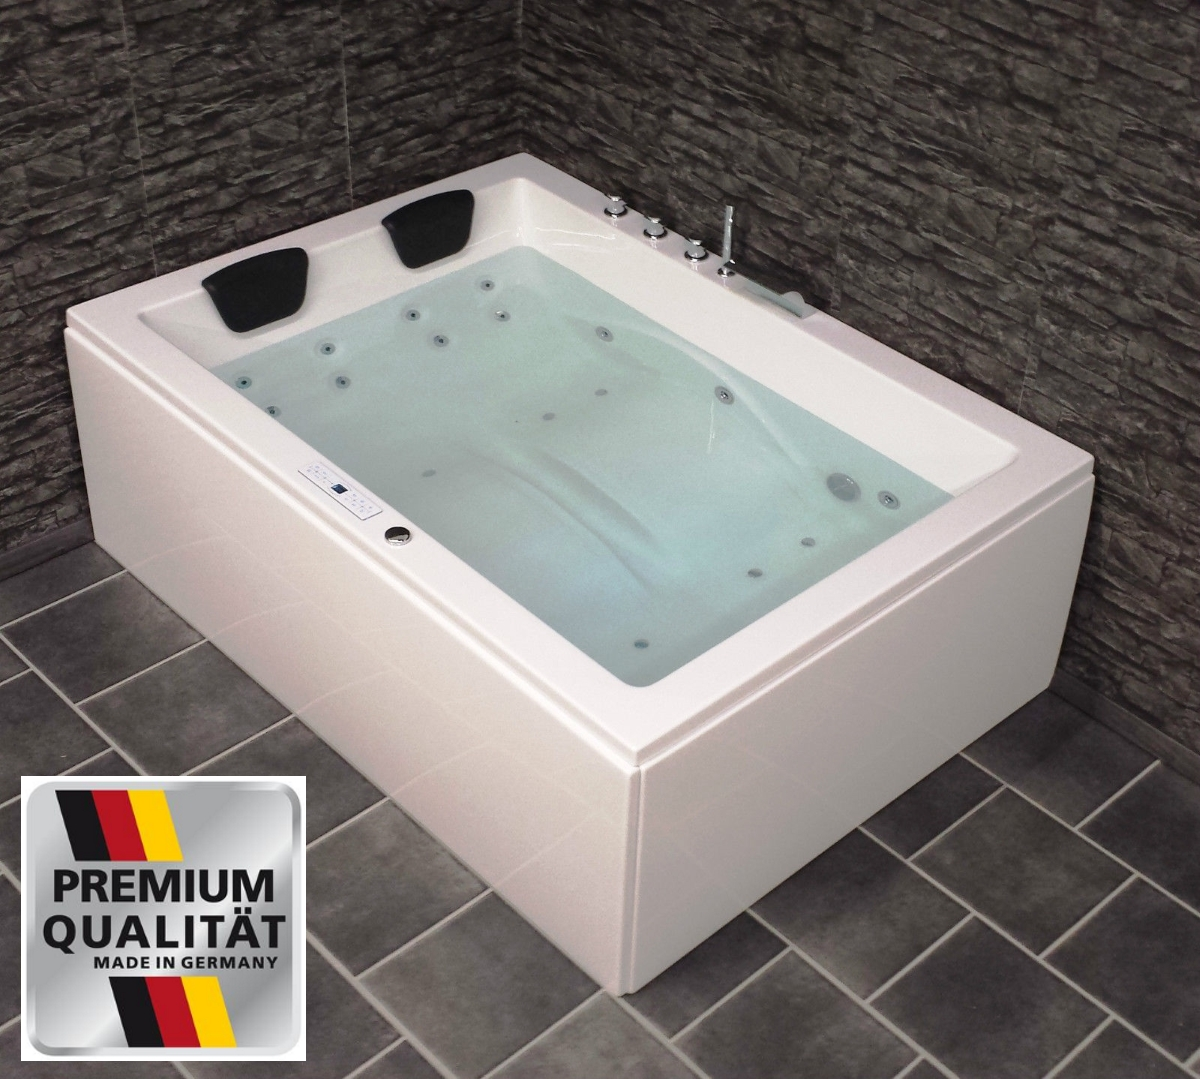 Whirlpool Badewanne Günstig Online Kaufen Badewanne Günstig